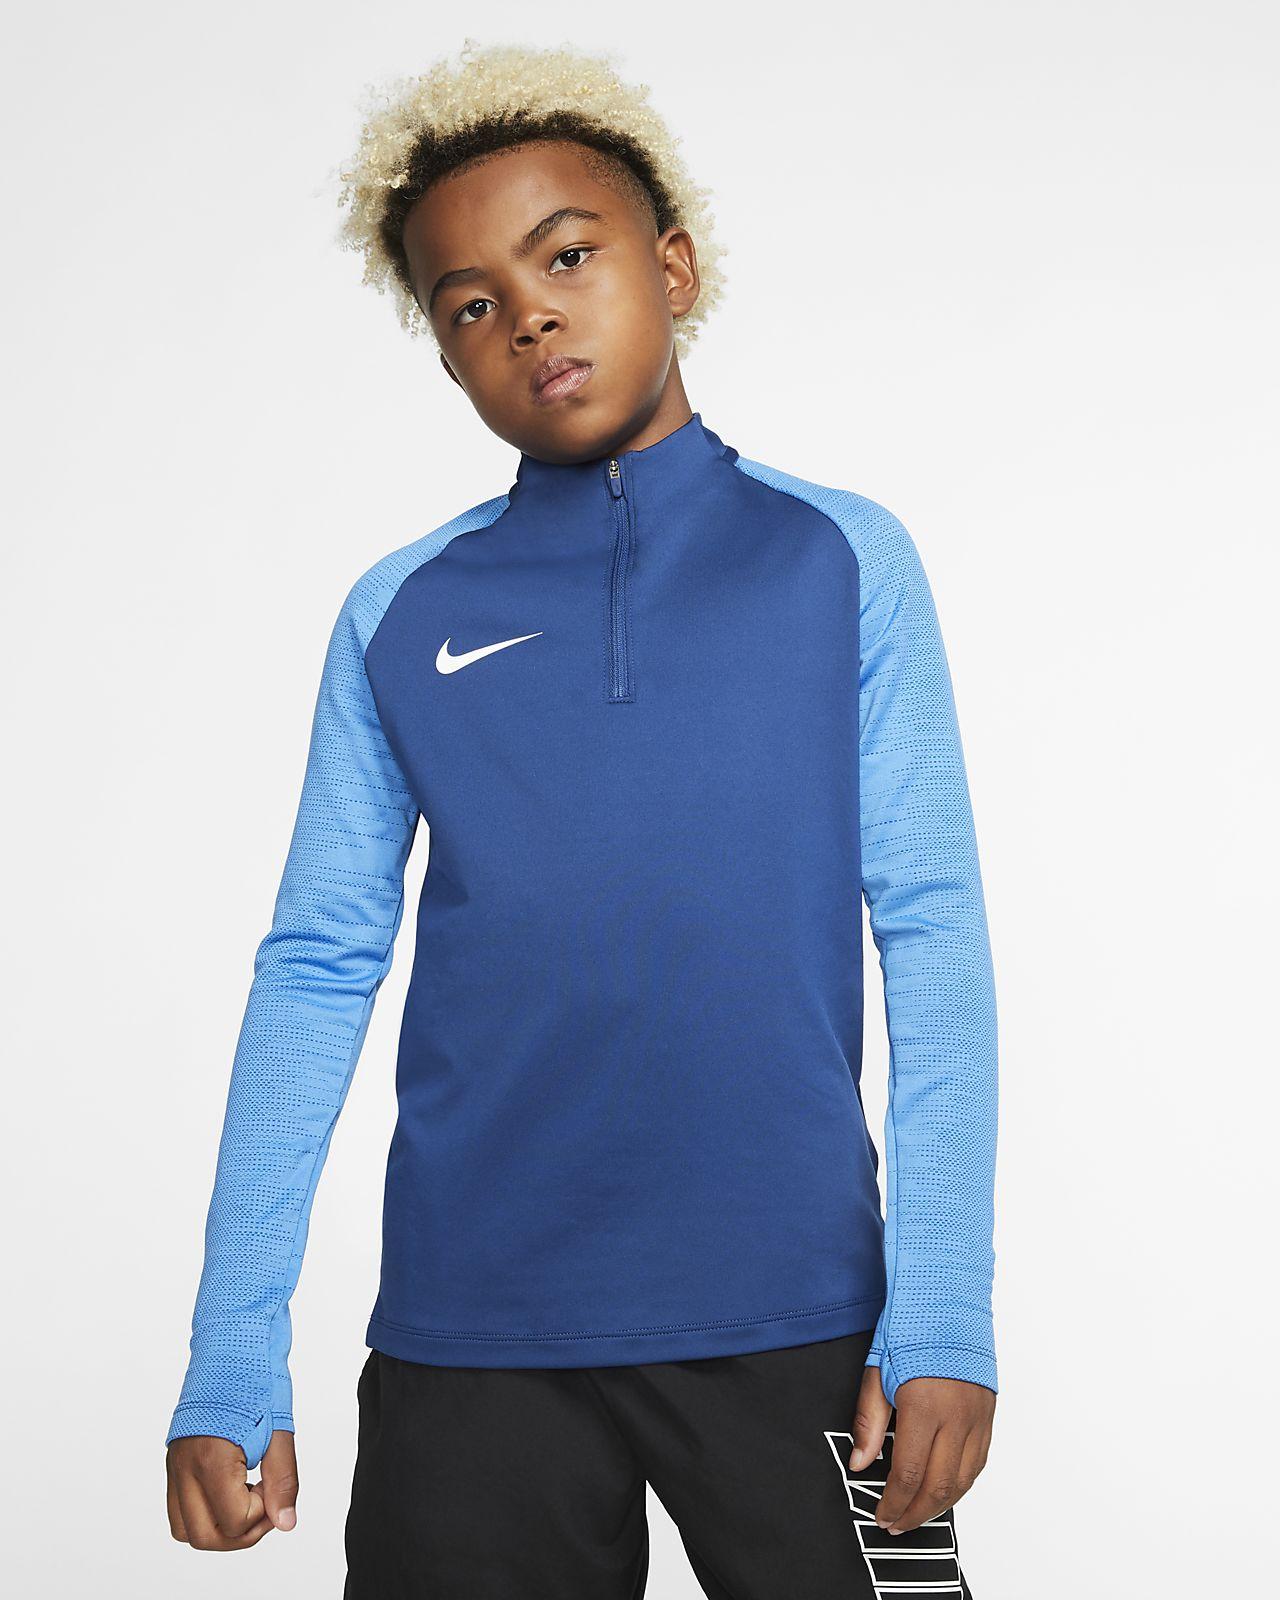 Футболка для футбольного тренинга для школьников Nike Dri-FIT Strike